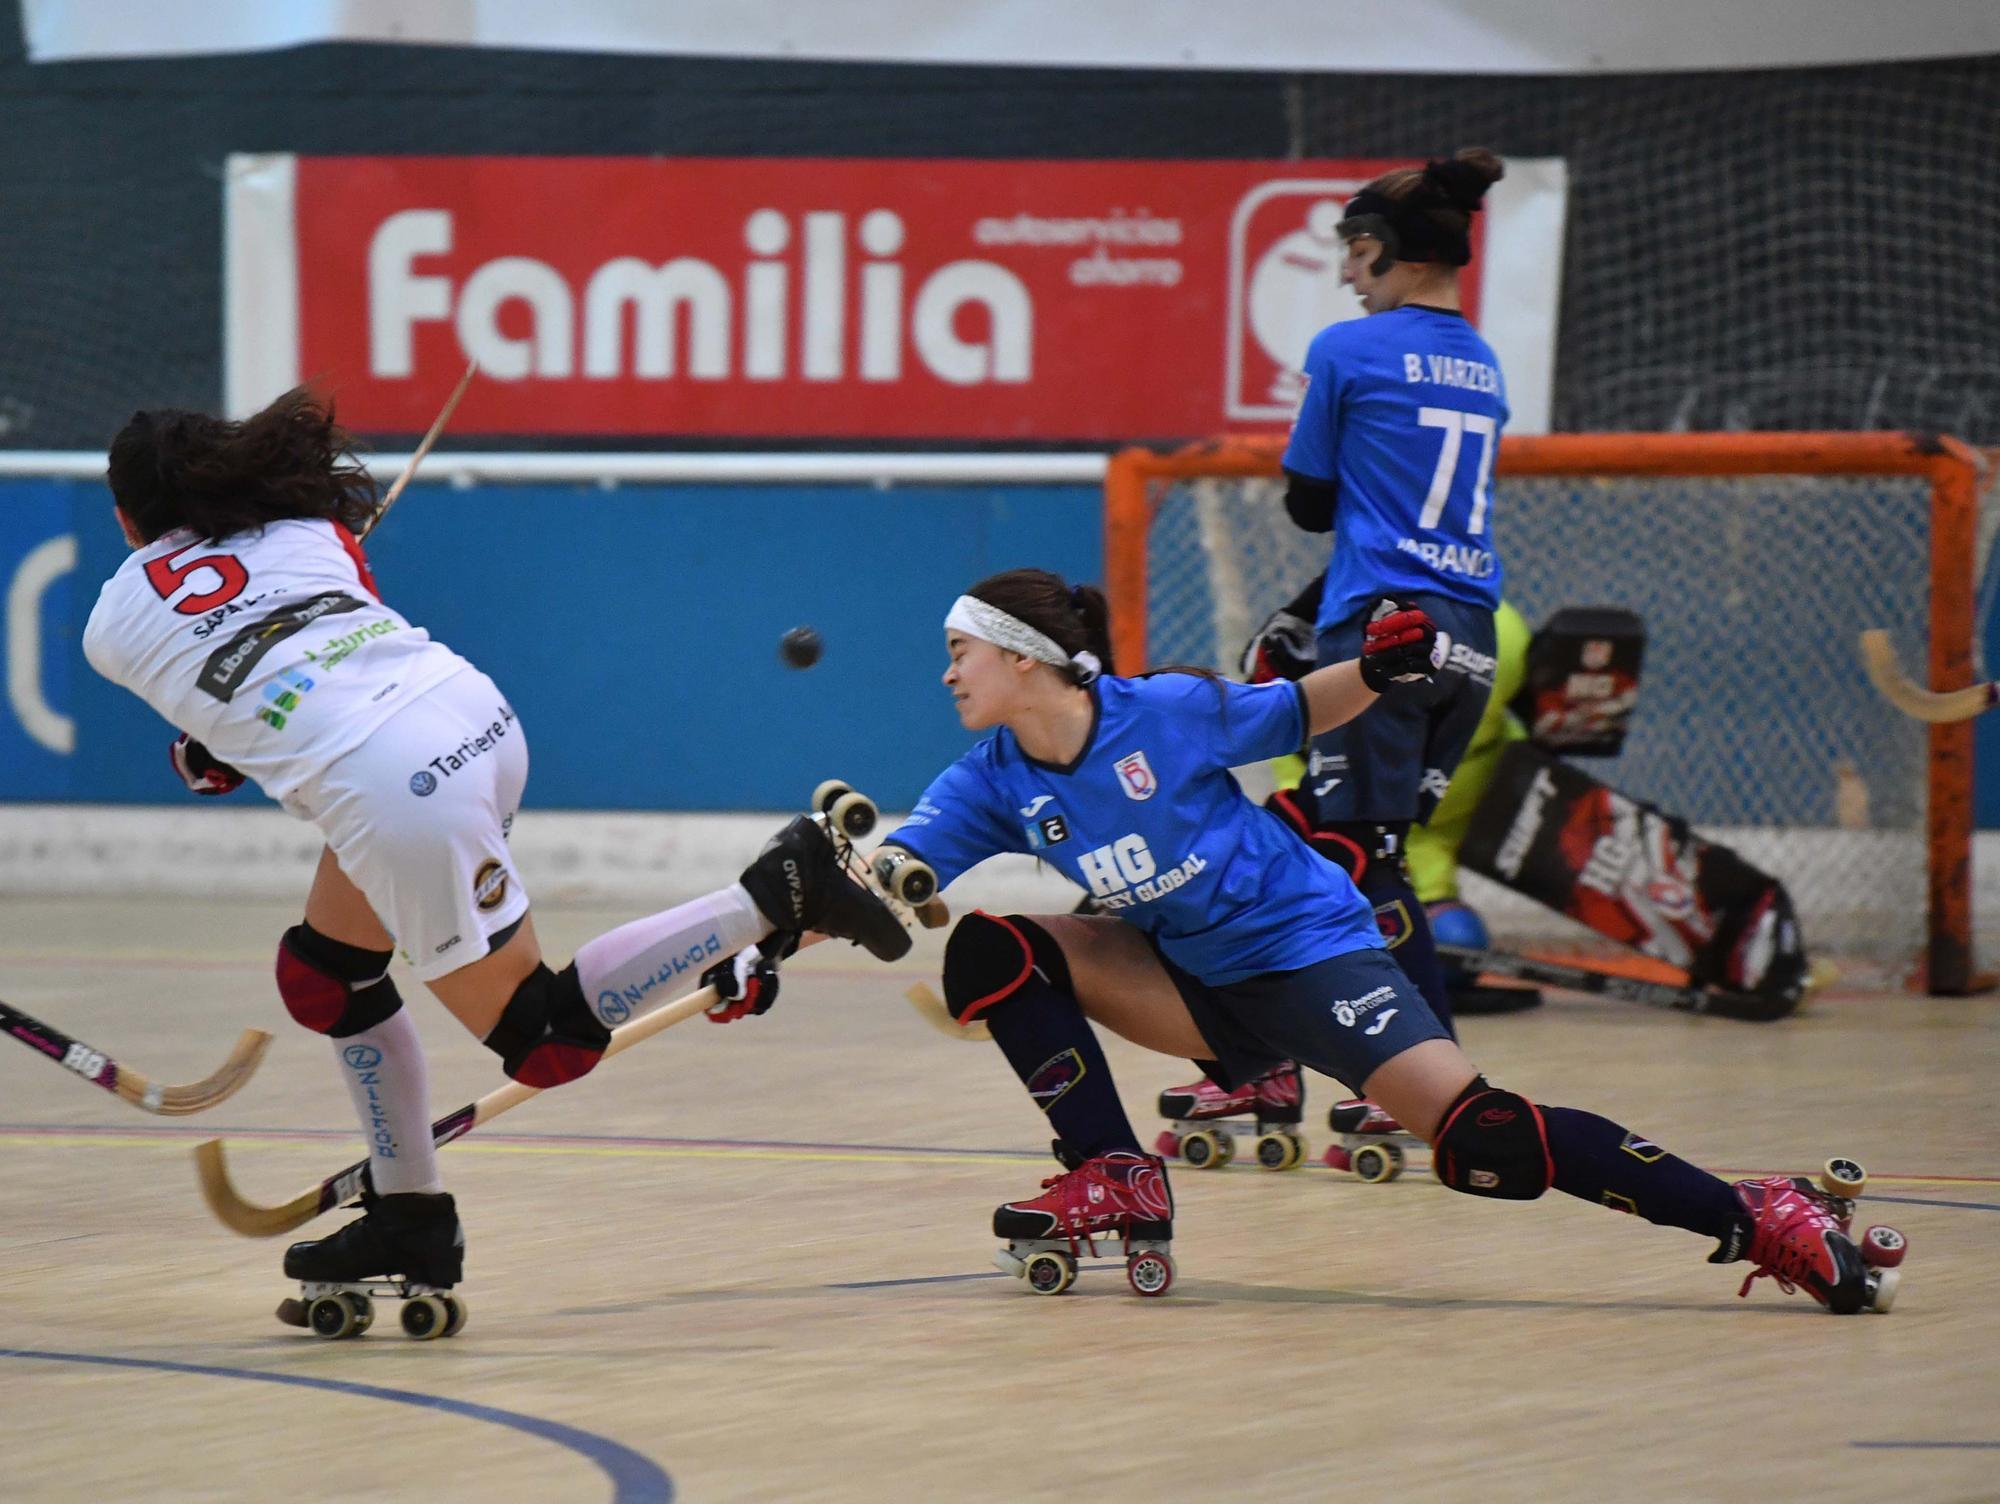 El Telecable Gijón le gana 2-6 al Borbolla